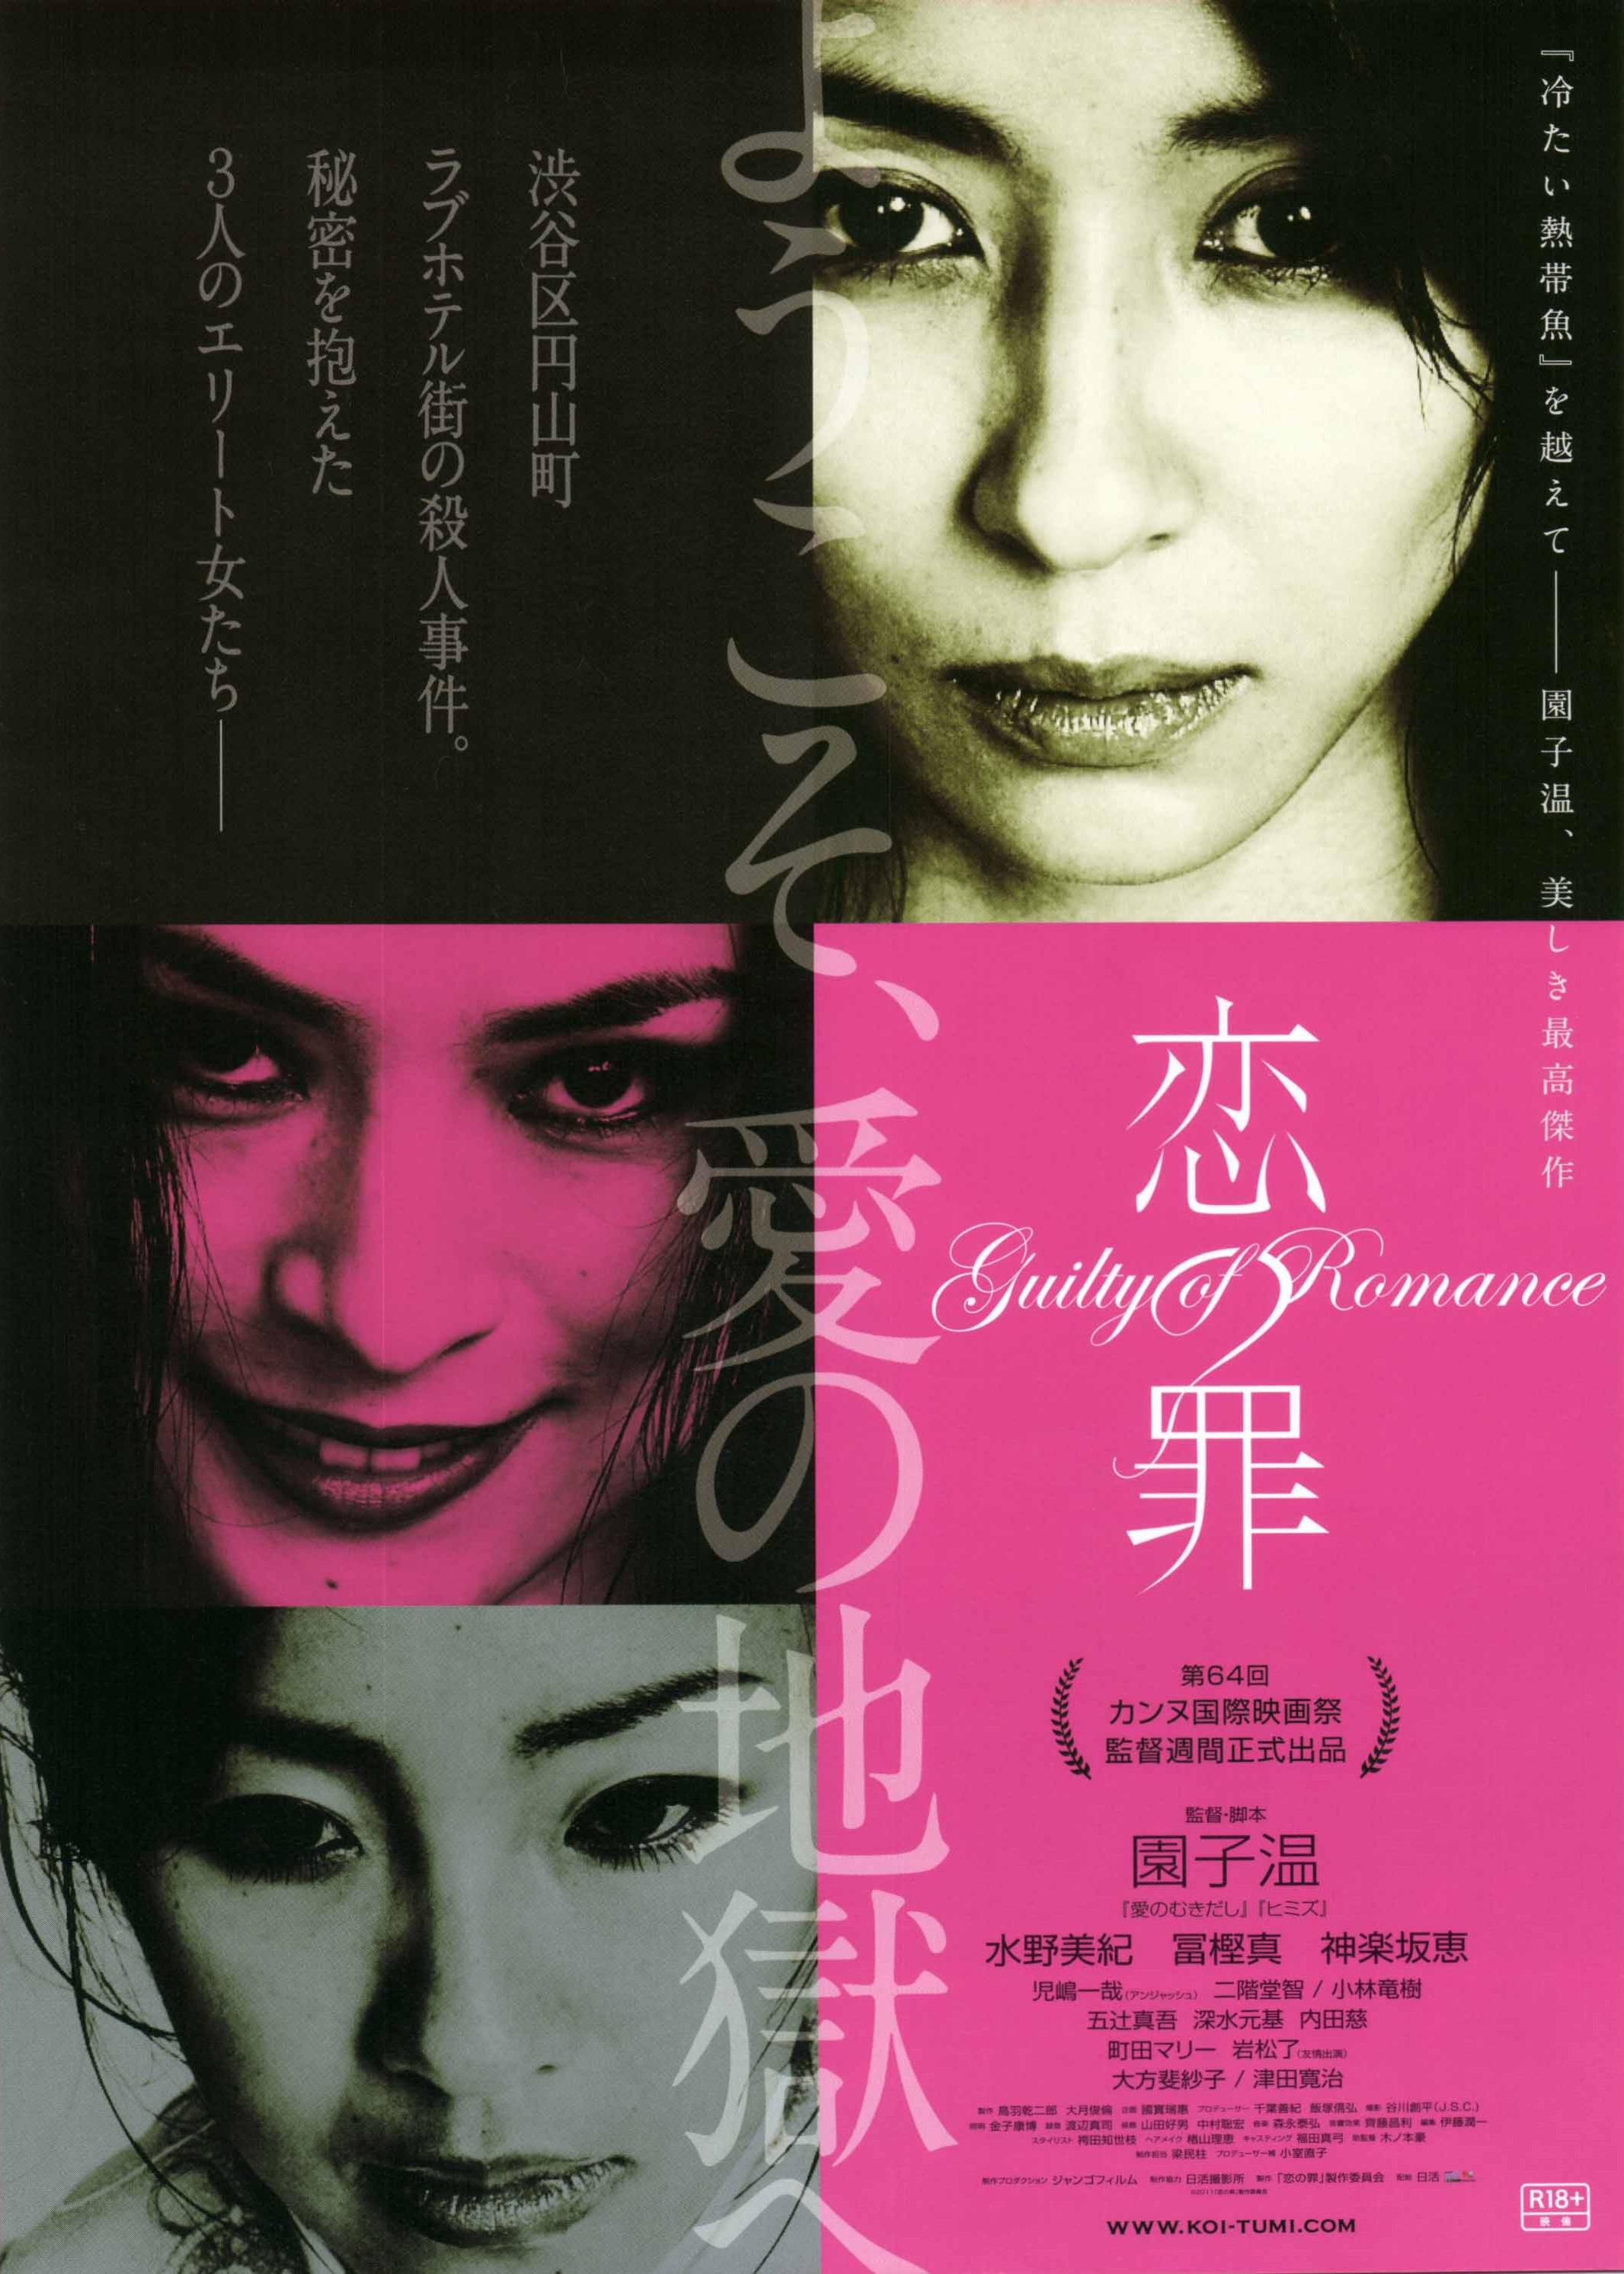 恋之罪电影完整版144 恋之罪电影完整版144组图